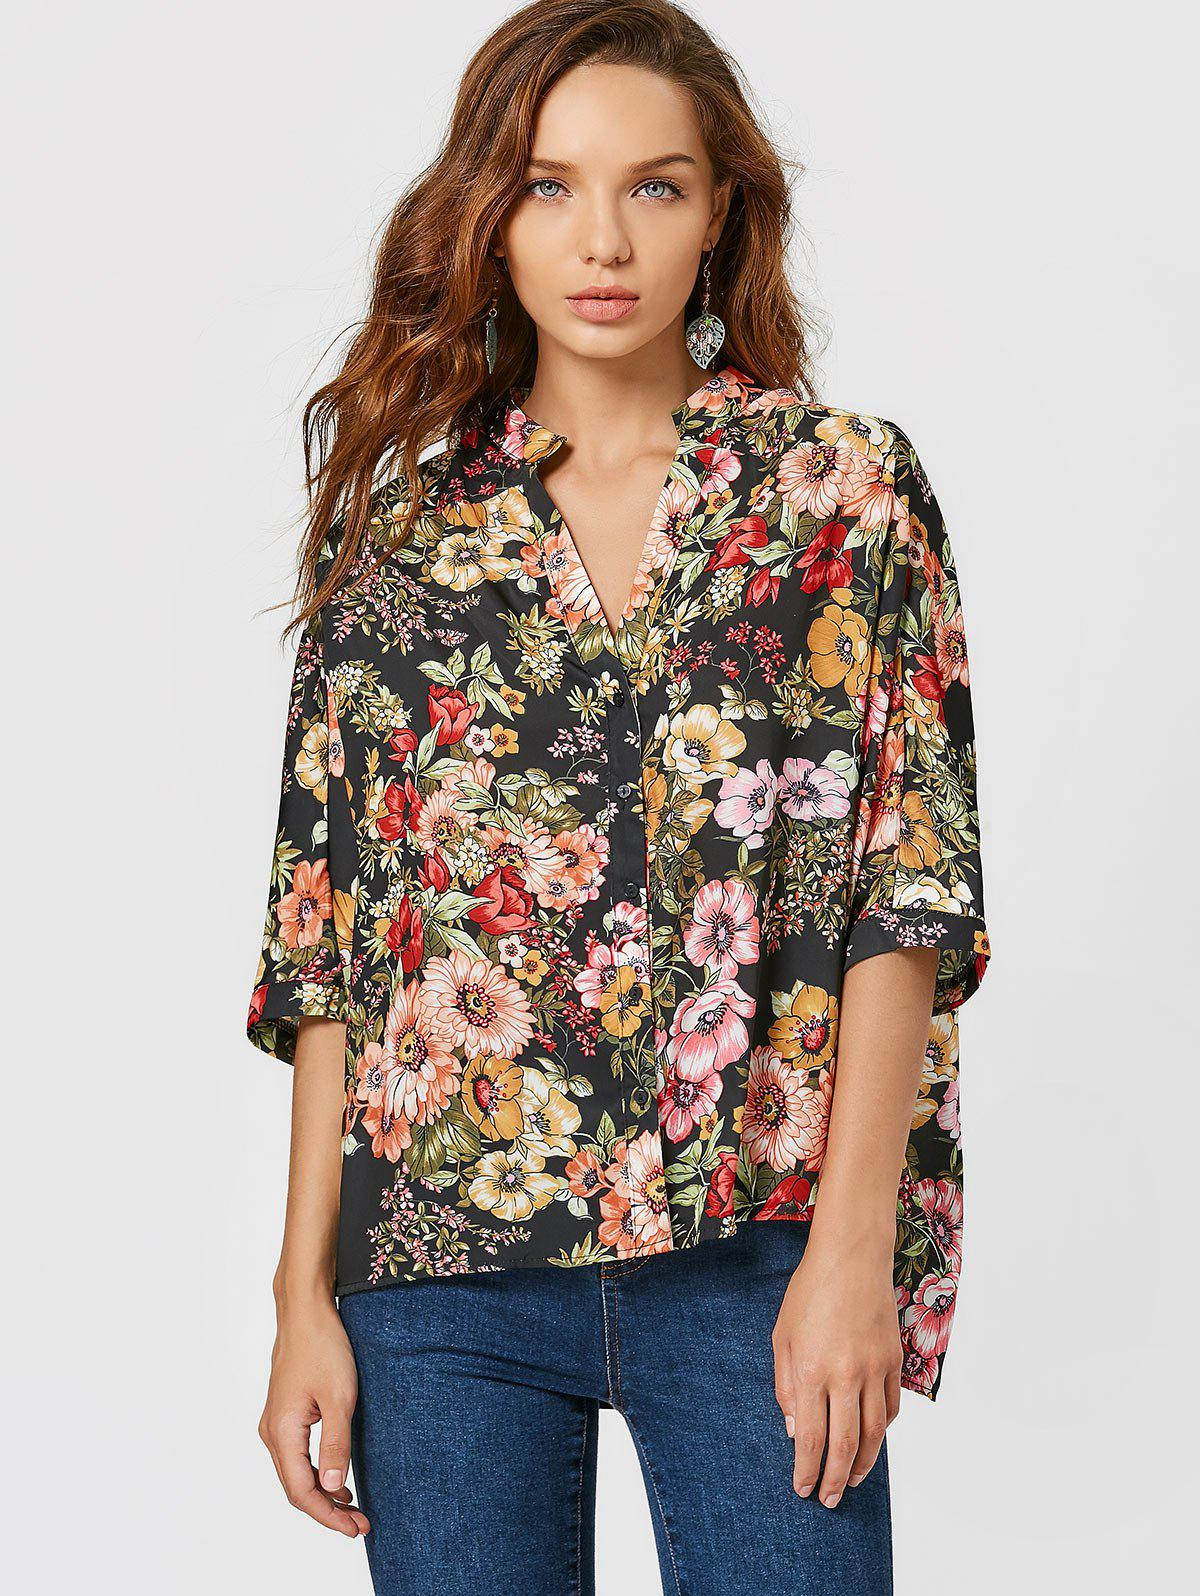 Bluse mit Knopf, Blumendruck und seitlichem Schlitz